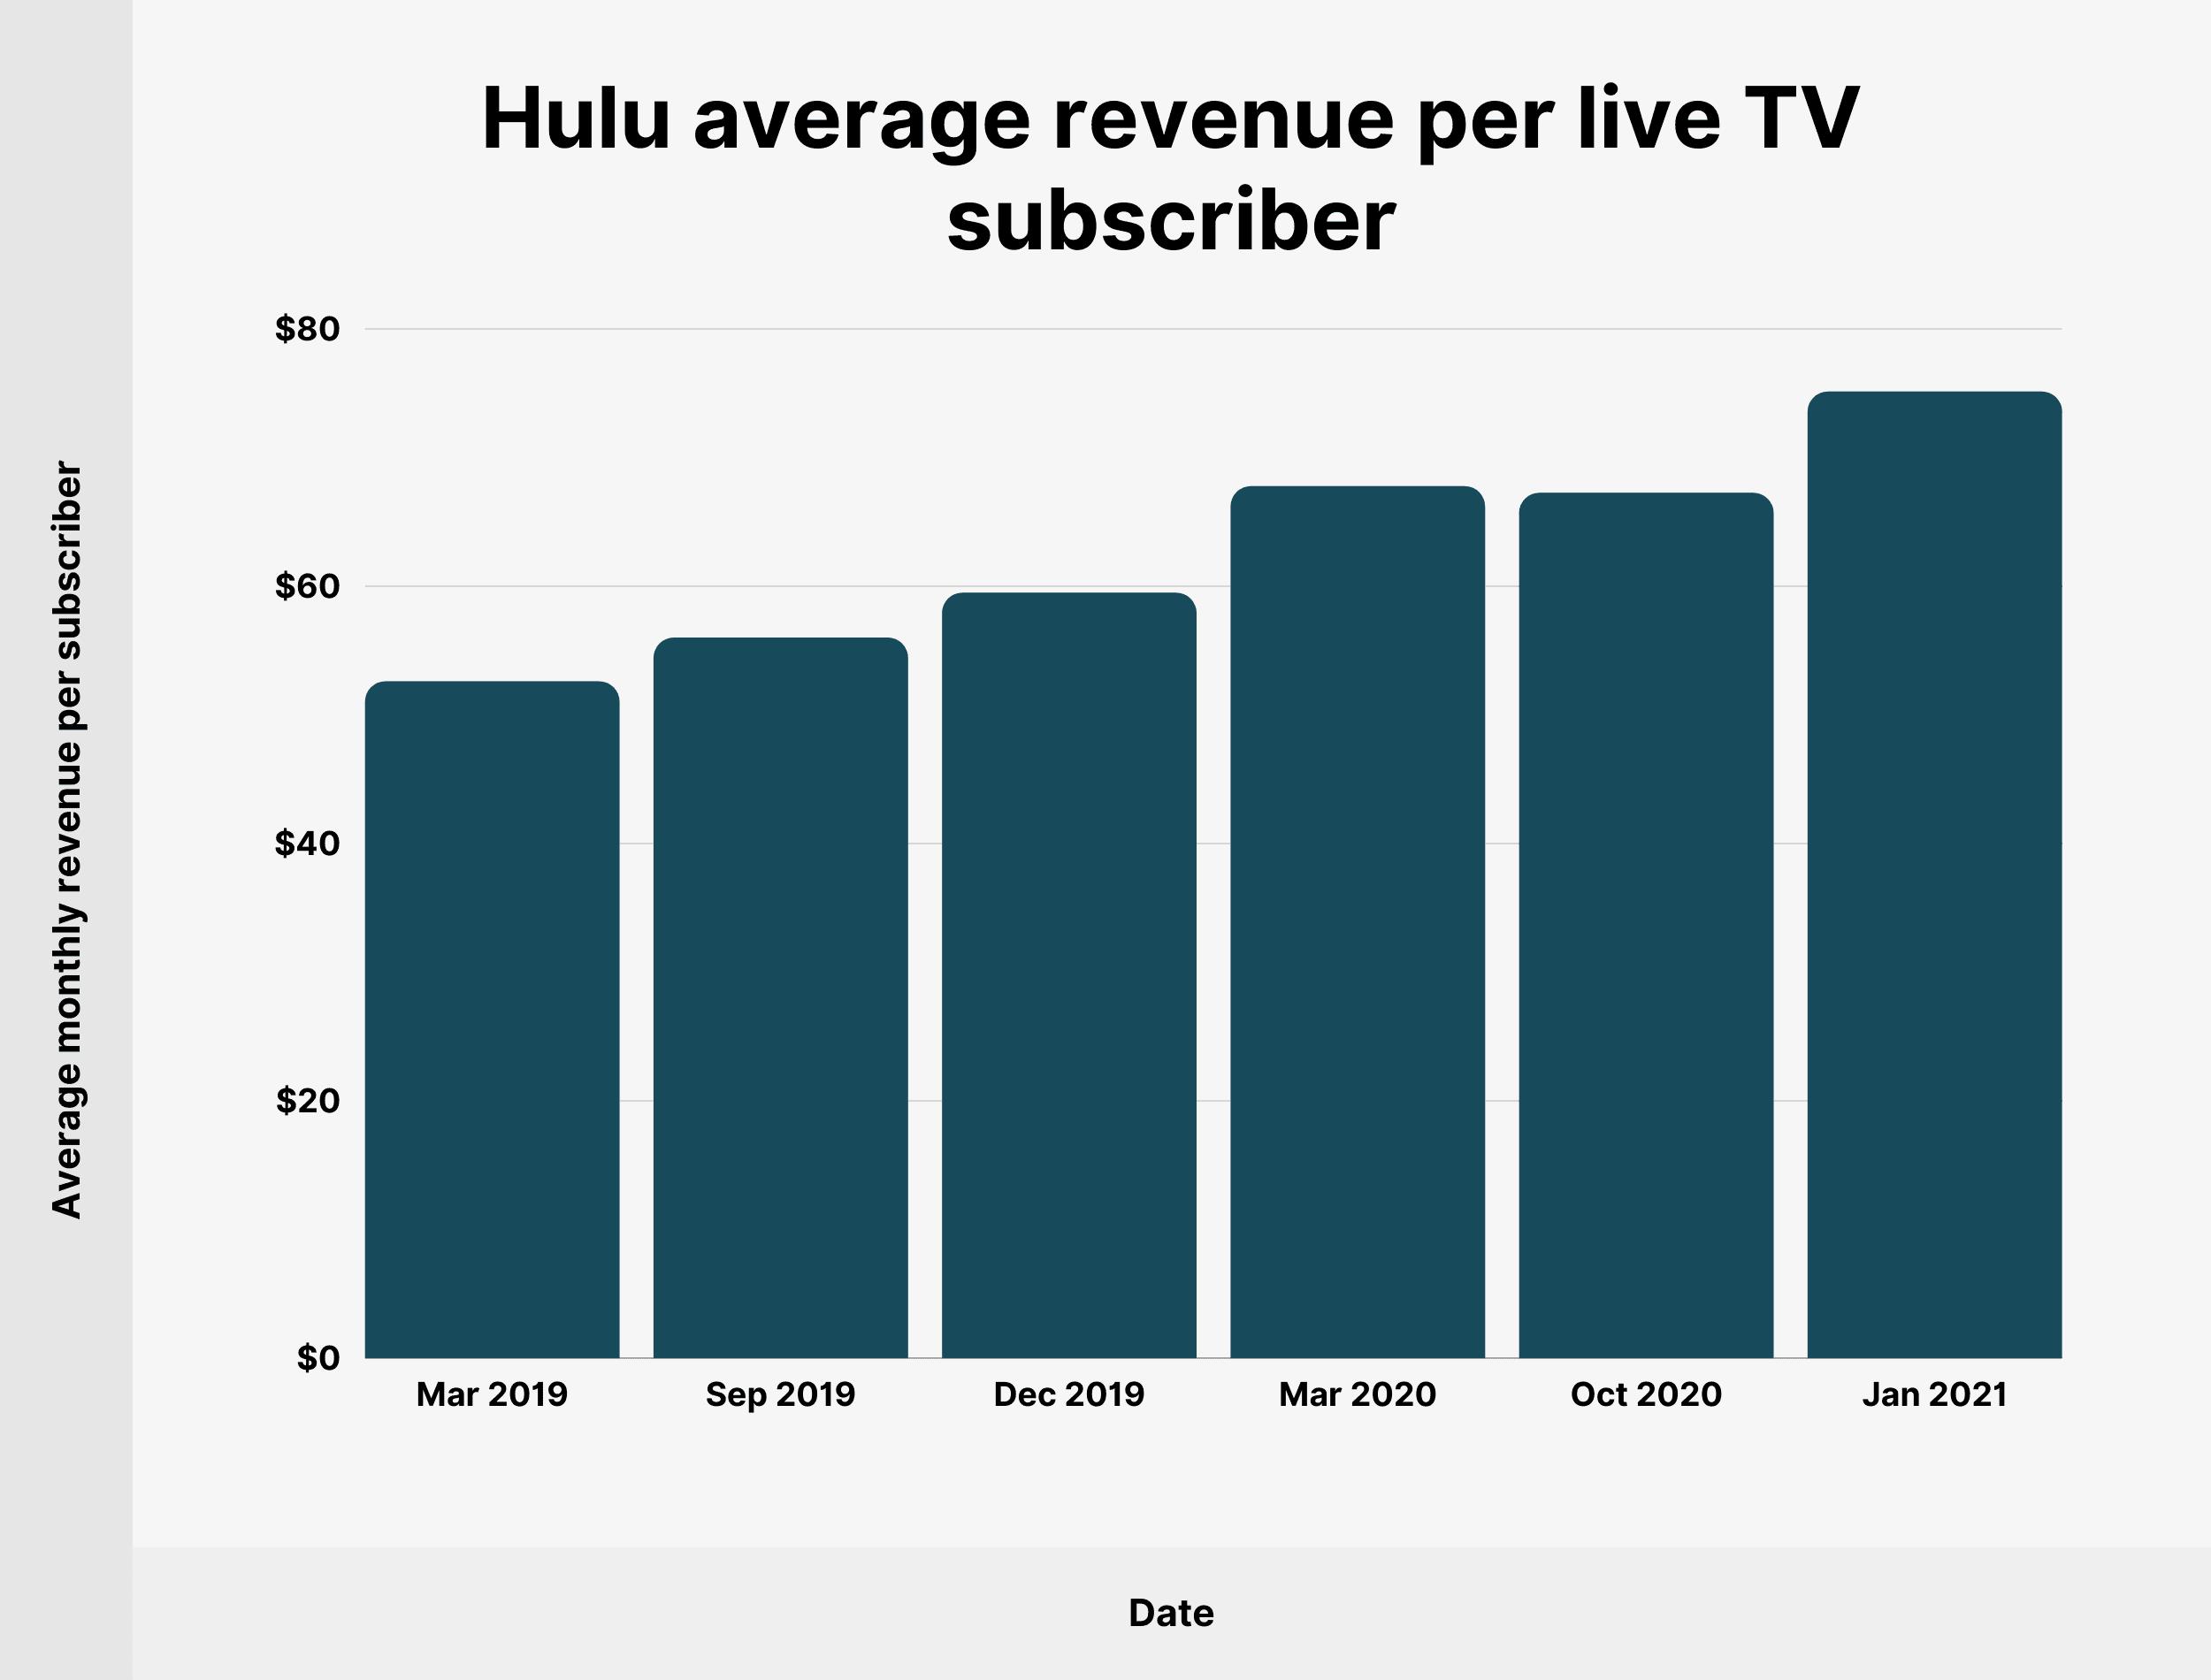 Hulu average revenue per live TV subscriber